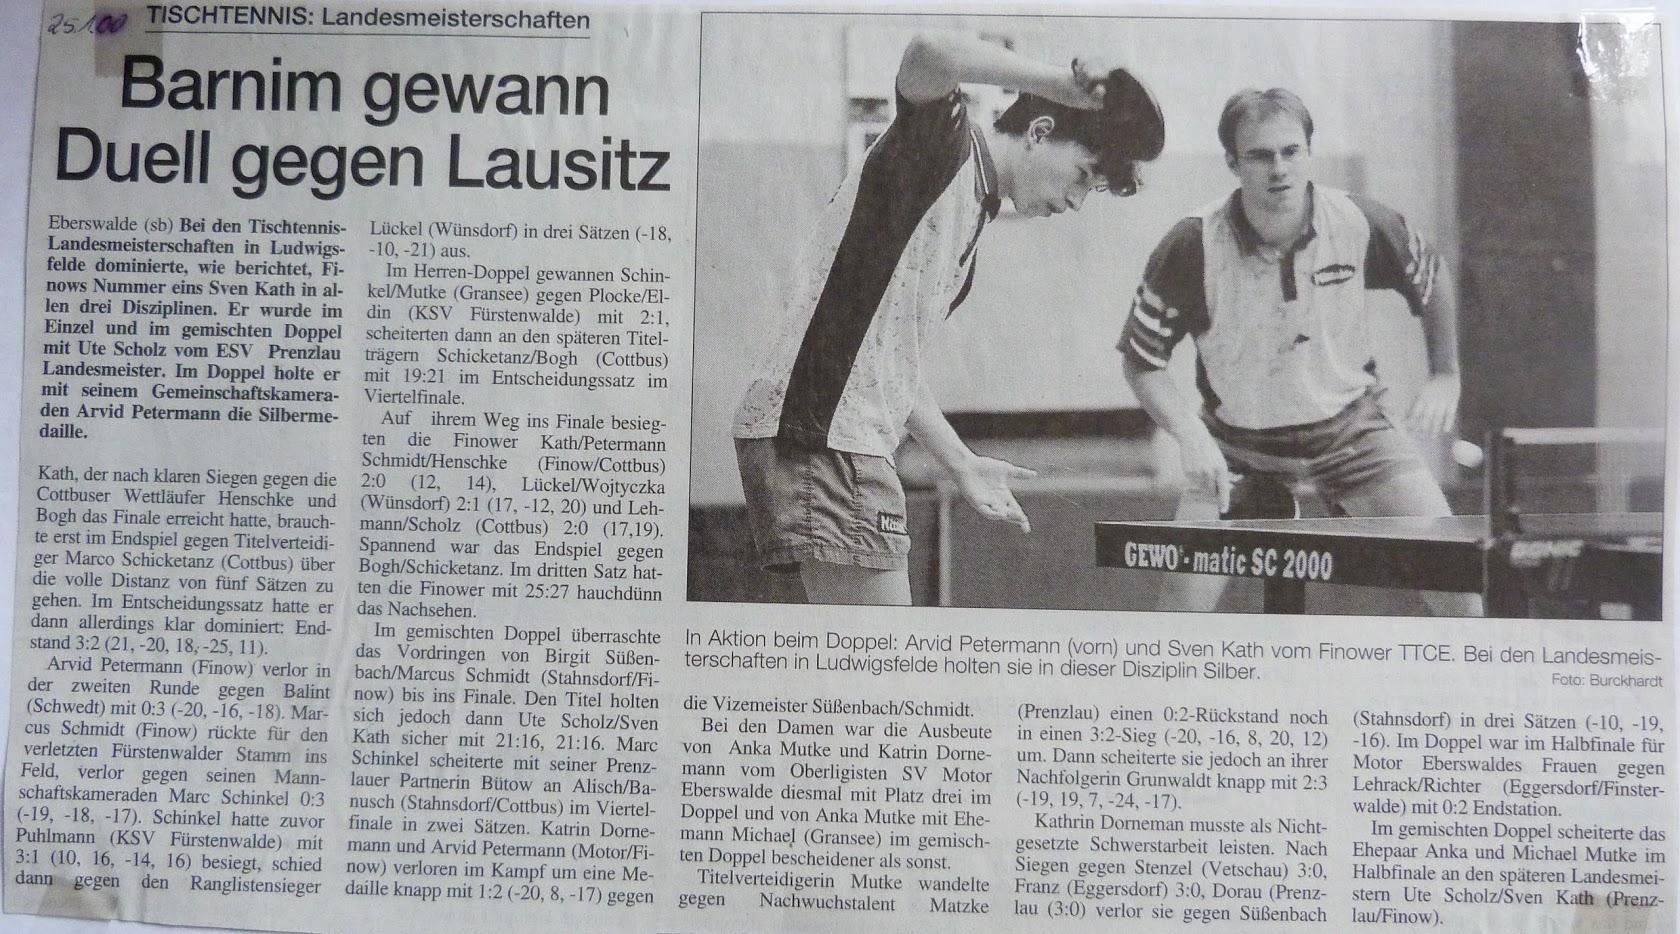 2000_01_25 Barnim gewann Duell gegen Lausitz (LEM)